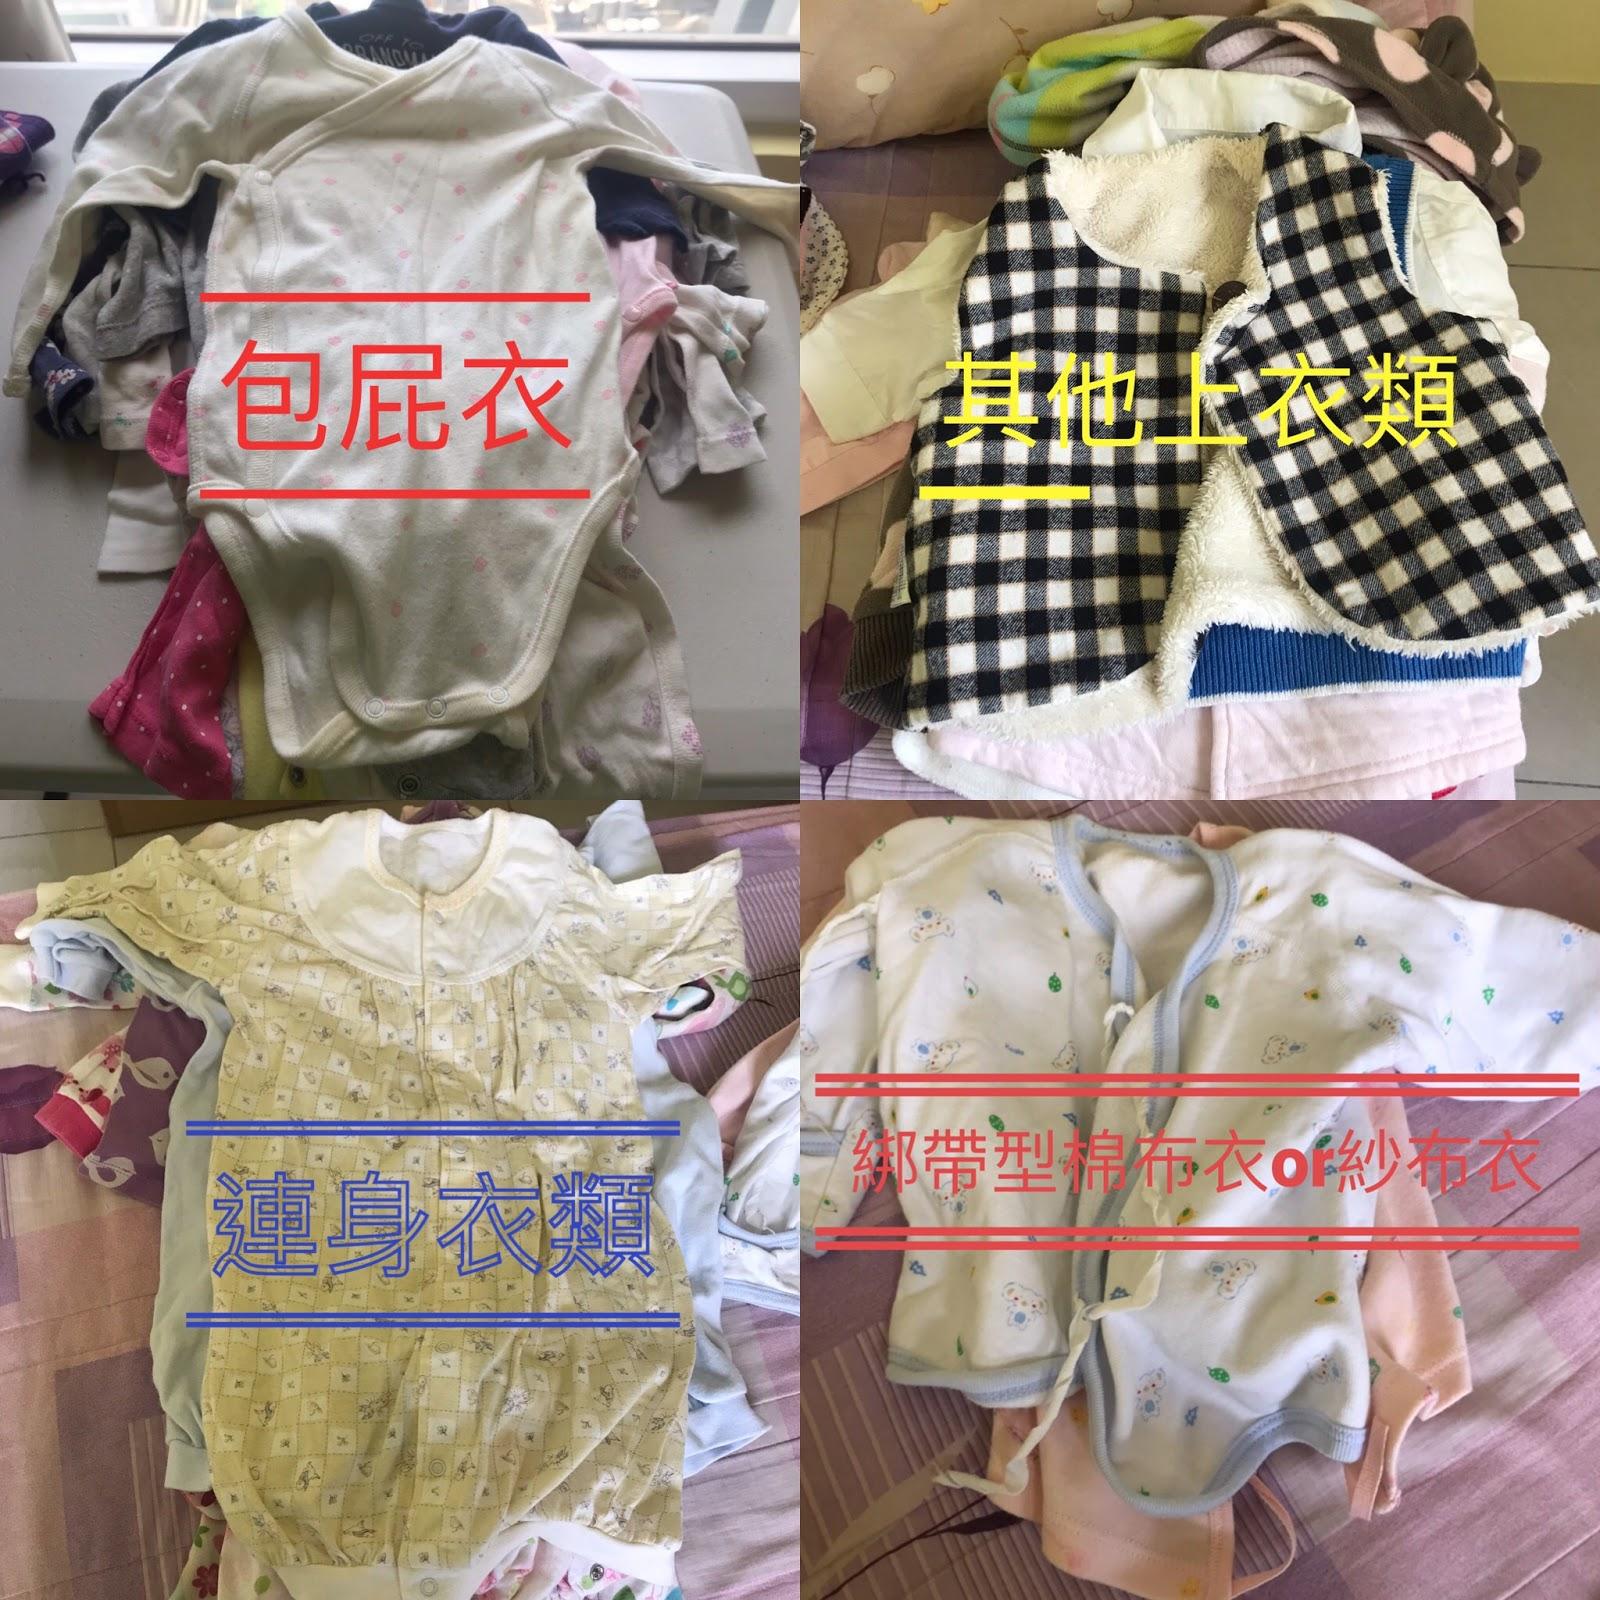 安豬亞的豬寶生活: 【育兒】恩典牌嬰兒服整理法